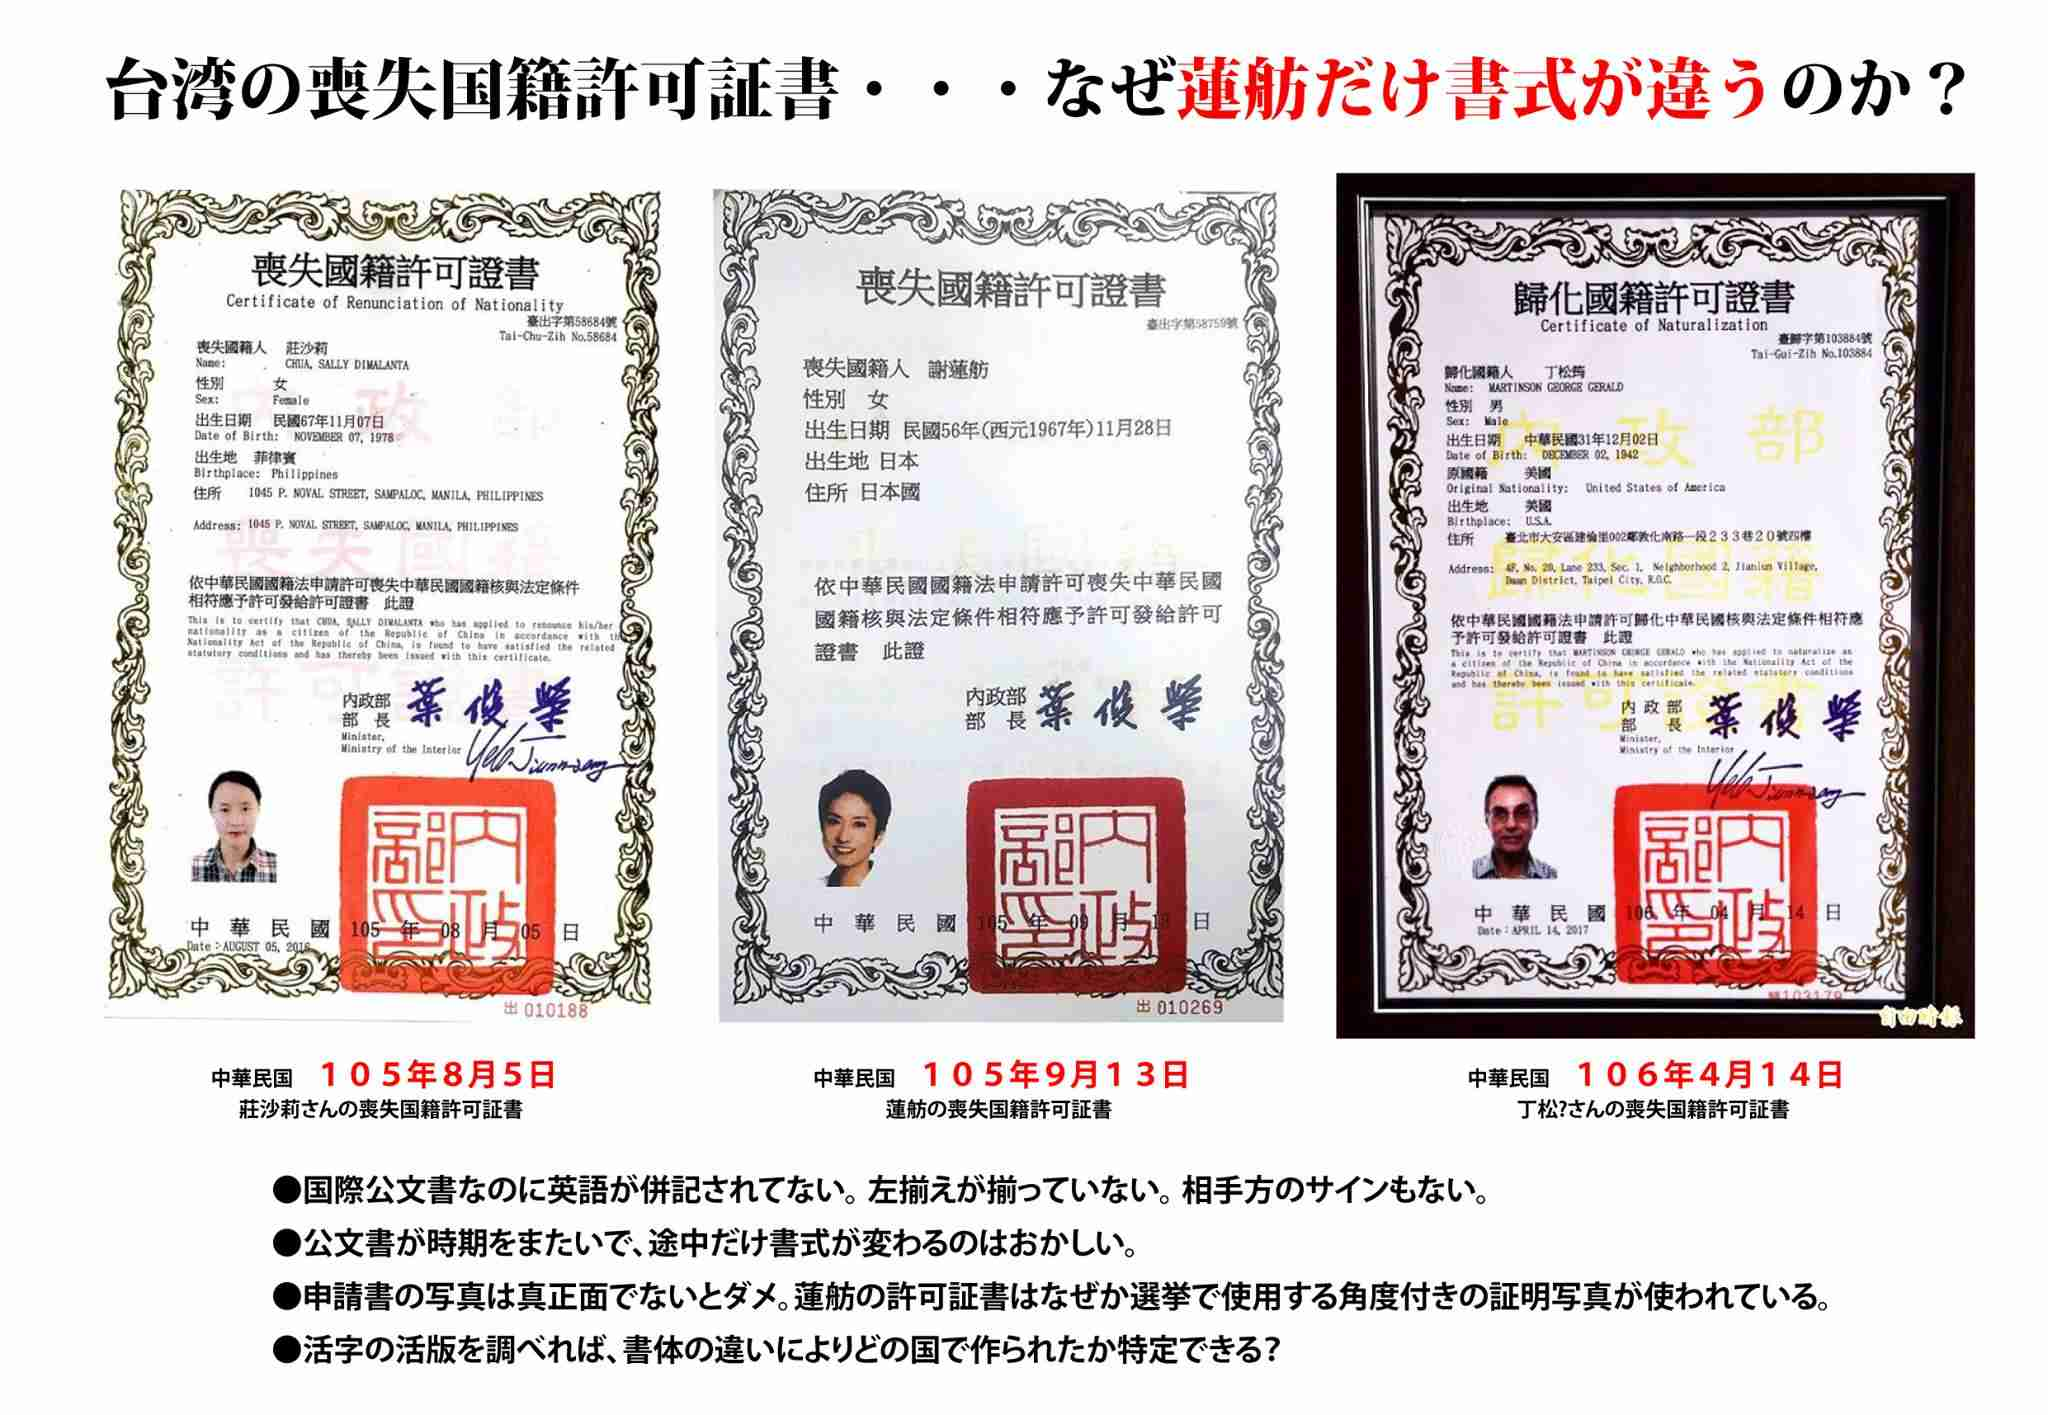 民進党・蓮舫代表 執行部交代の意向固める